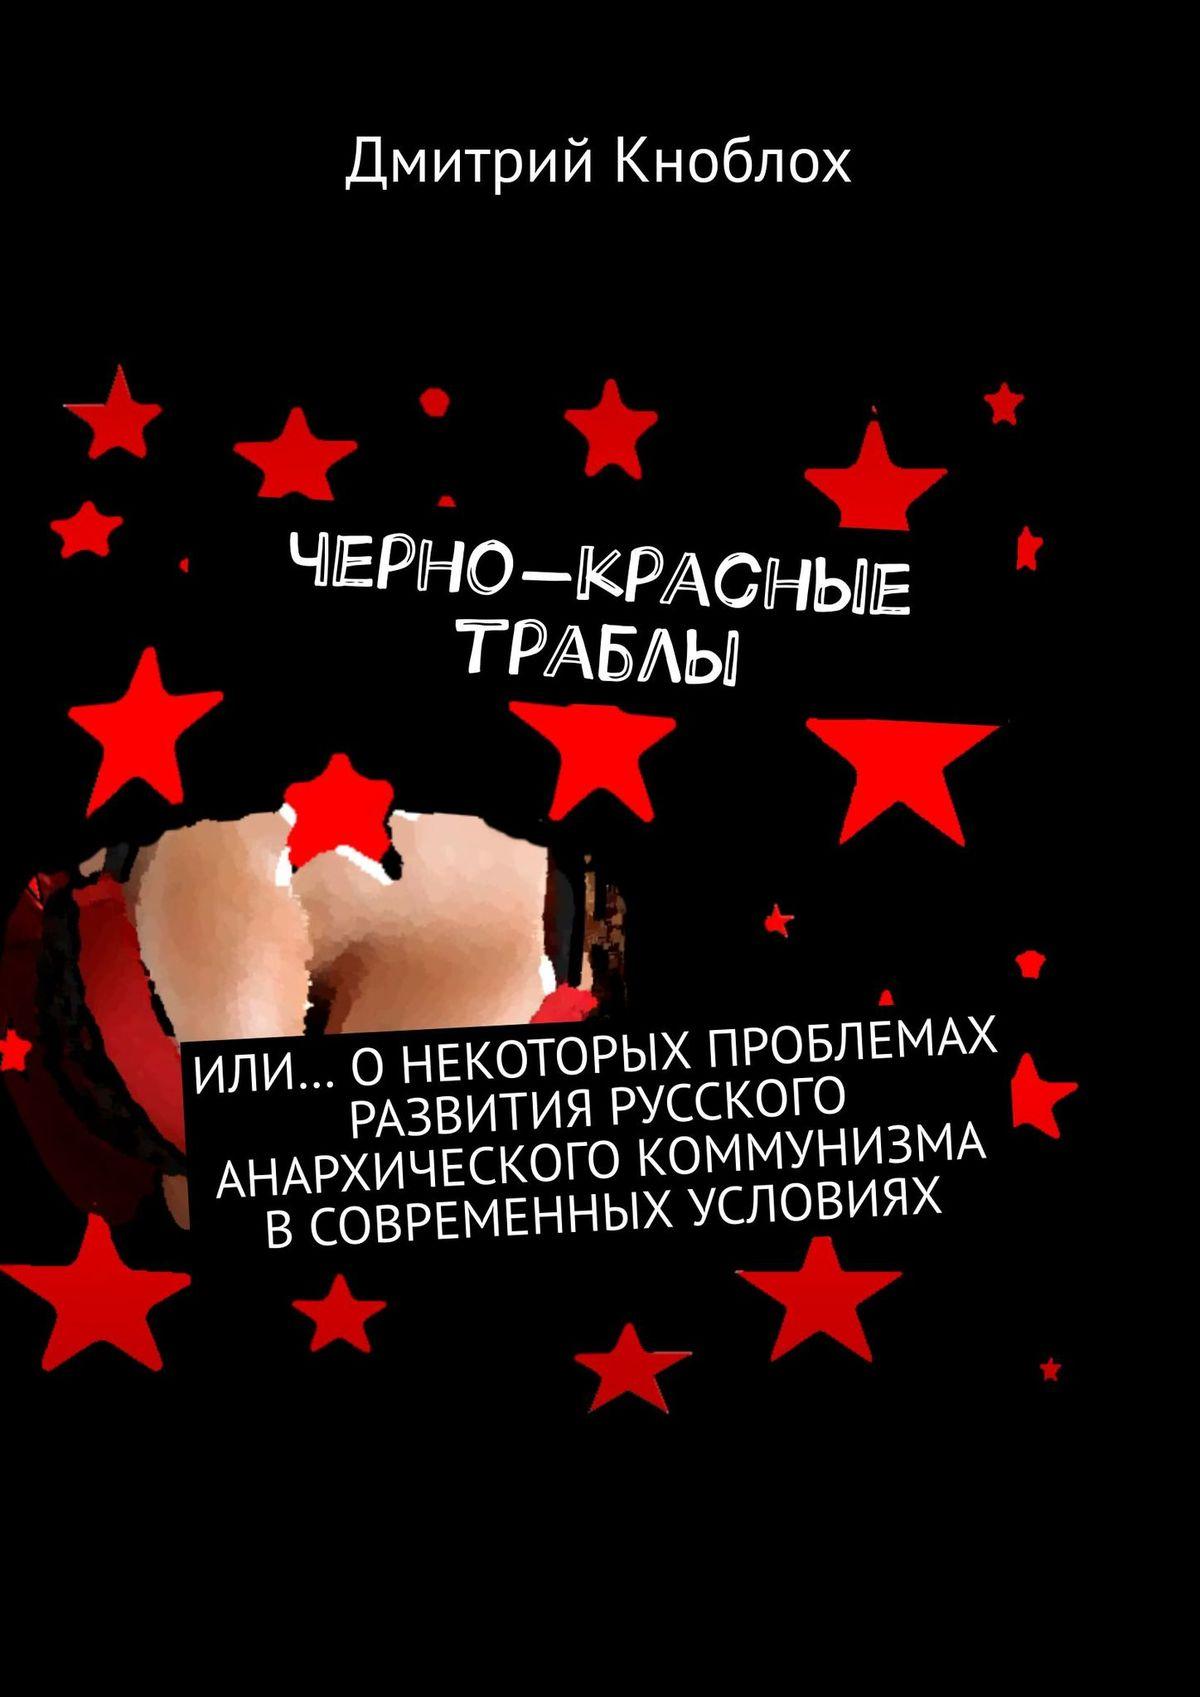 Большие красно-черные сиськи. Или… онекоторых проблемах развития русского анархического коммунизма всовременных условиях